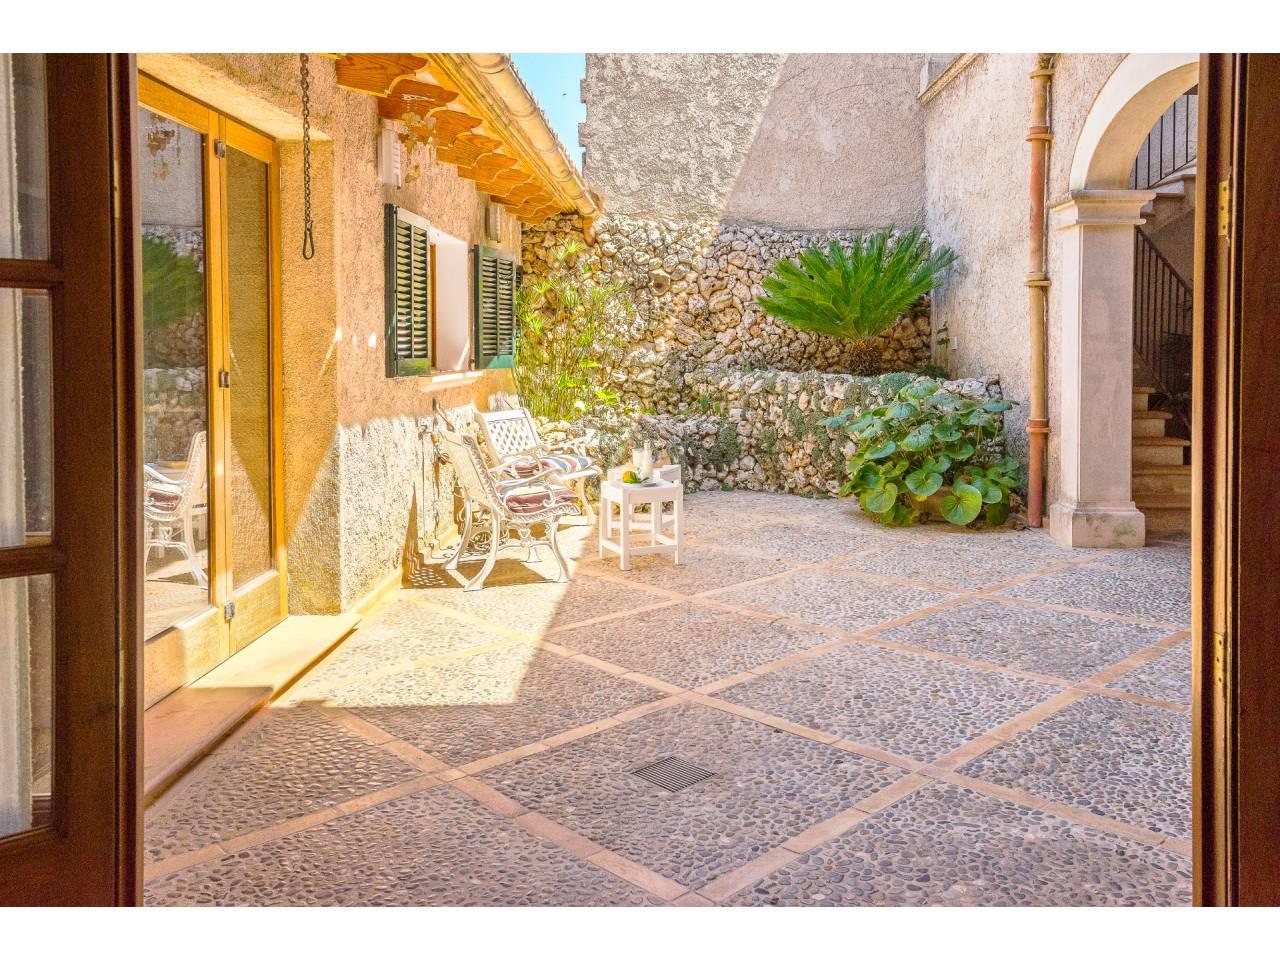 Maison  Petra. Encantadora casa de estilo y carácter mallorquín lista para entr